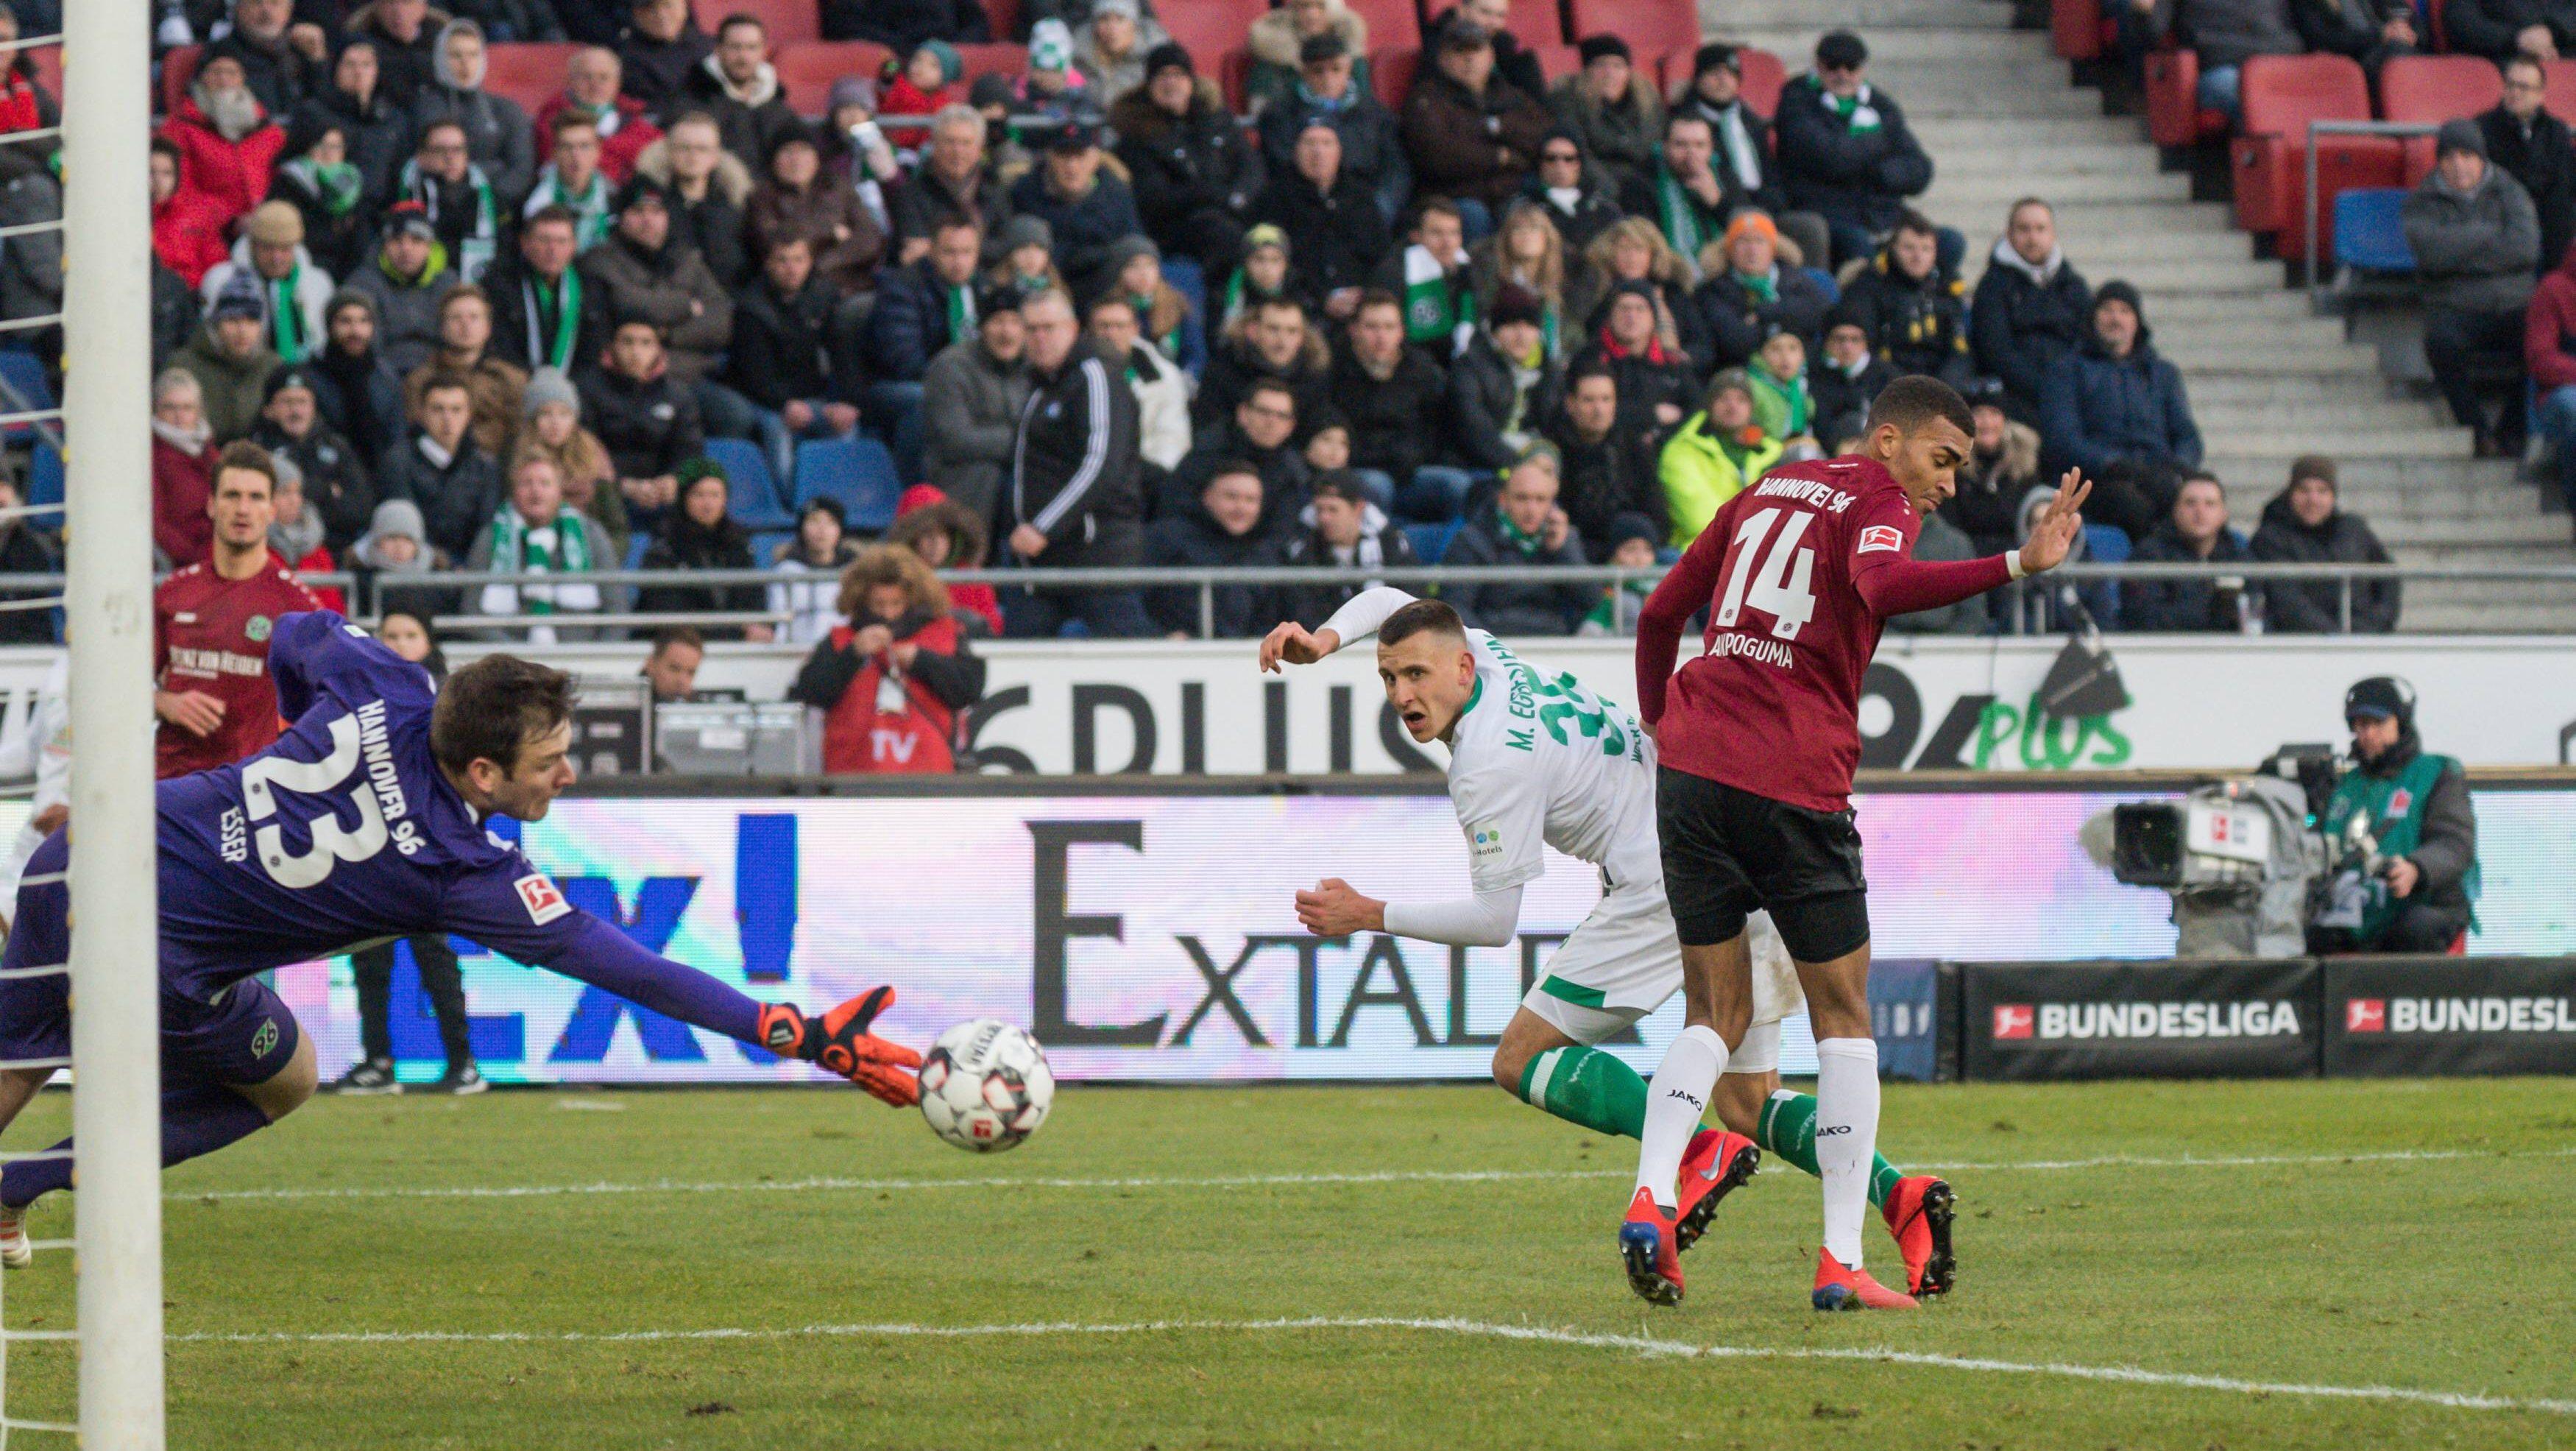 Hannover-Keeper Esser stellt Bundesliga-Rekord ein